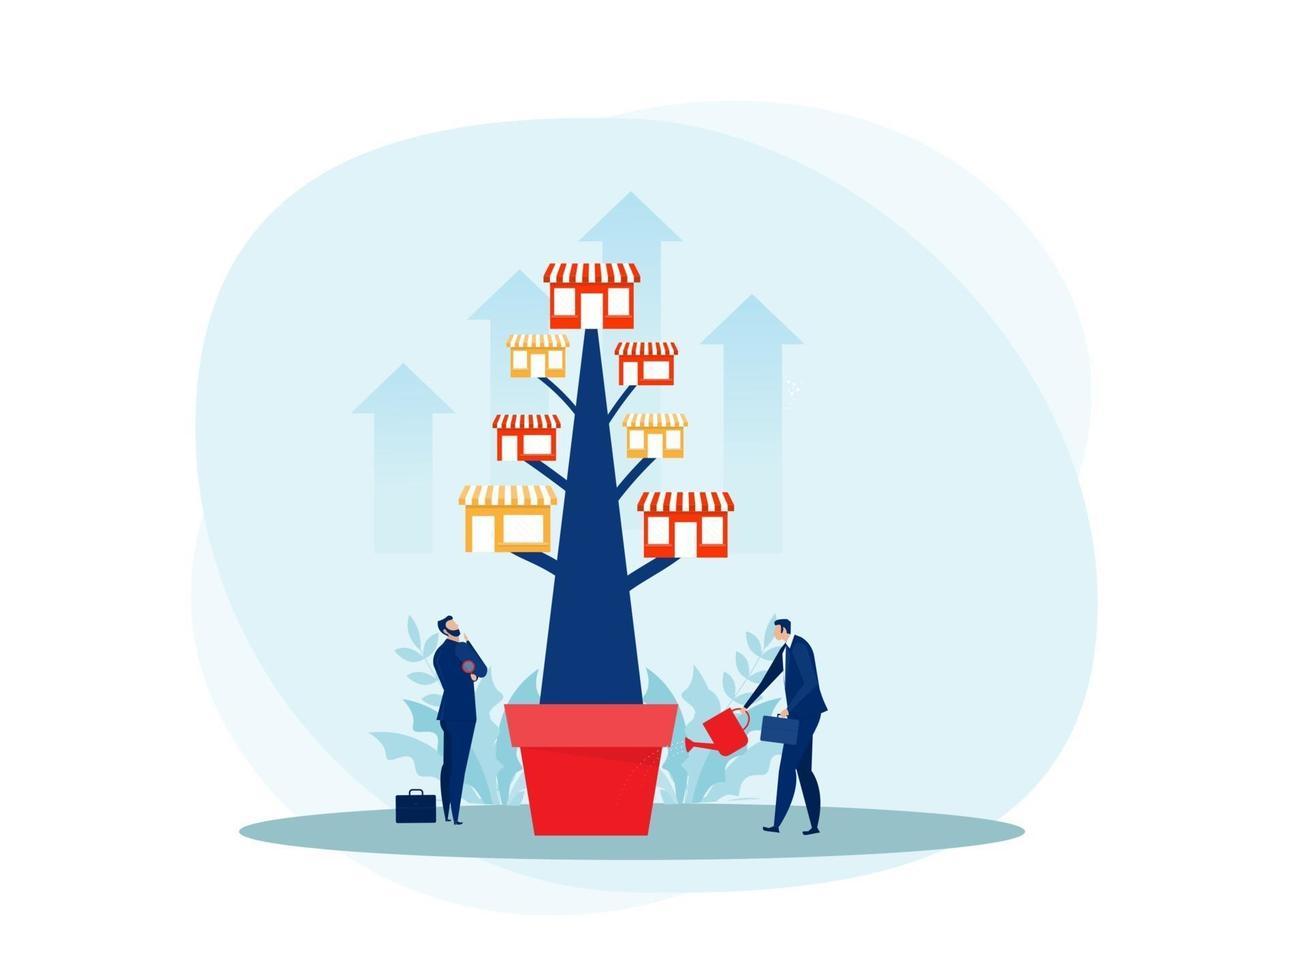 franchisebutik med tillväxtträd. fastighetsaffärer reklam sme platt vektorillustration. vektor